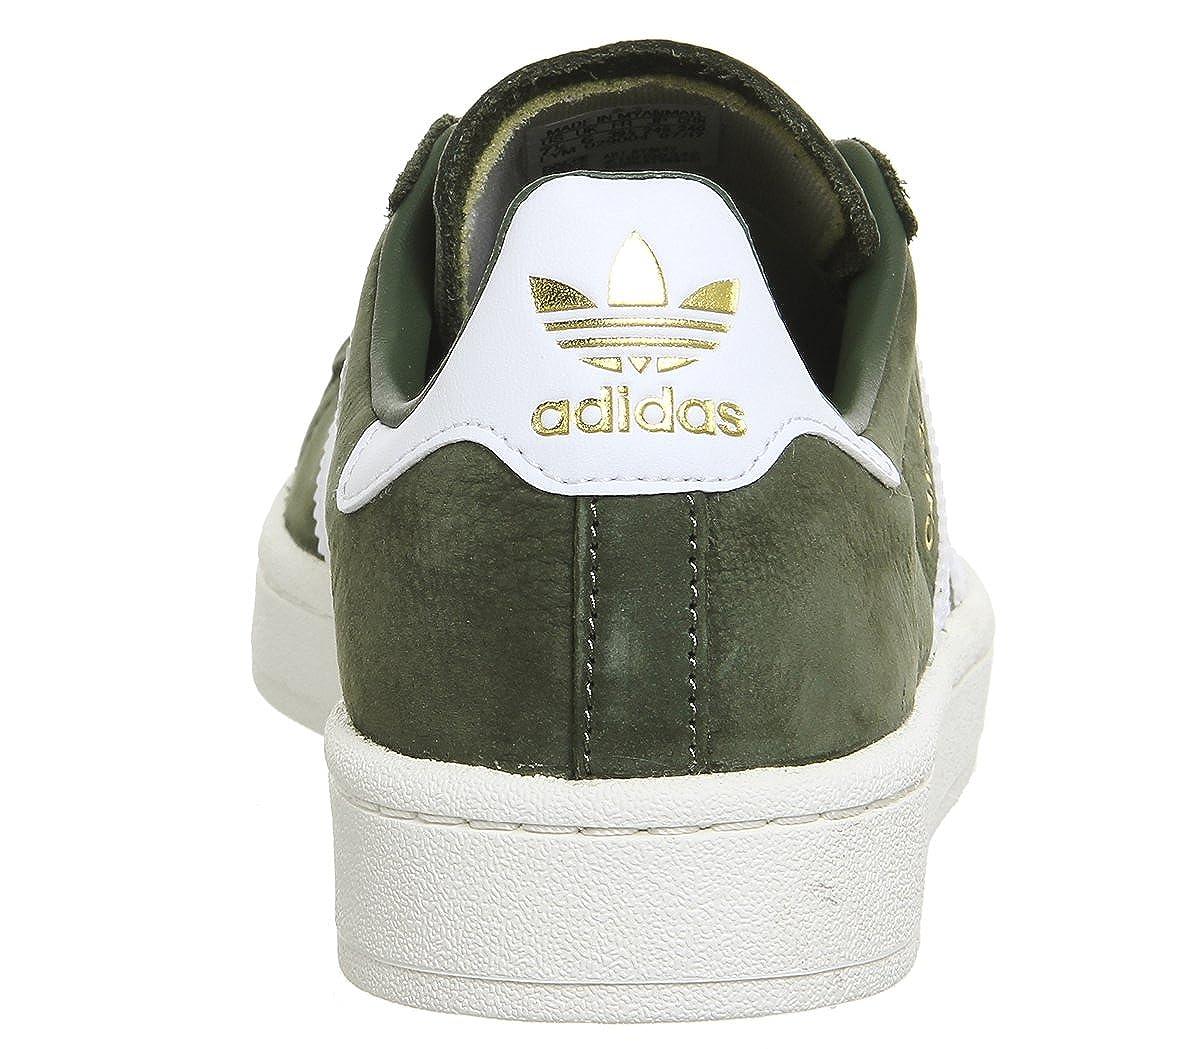 Adidas Damen Damen Adidas Campus W Sneakers Grün (St Major F13/Ftwr Weiß/Chalk Weiß) 5b0eb1